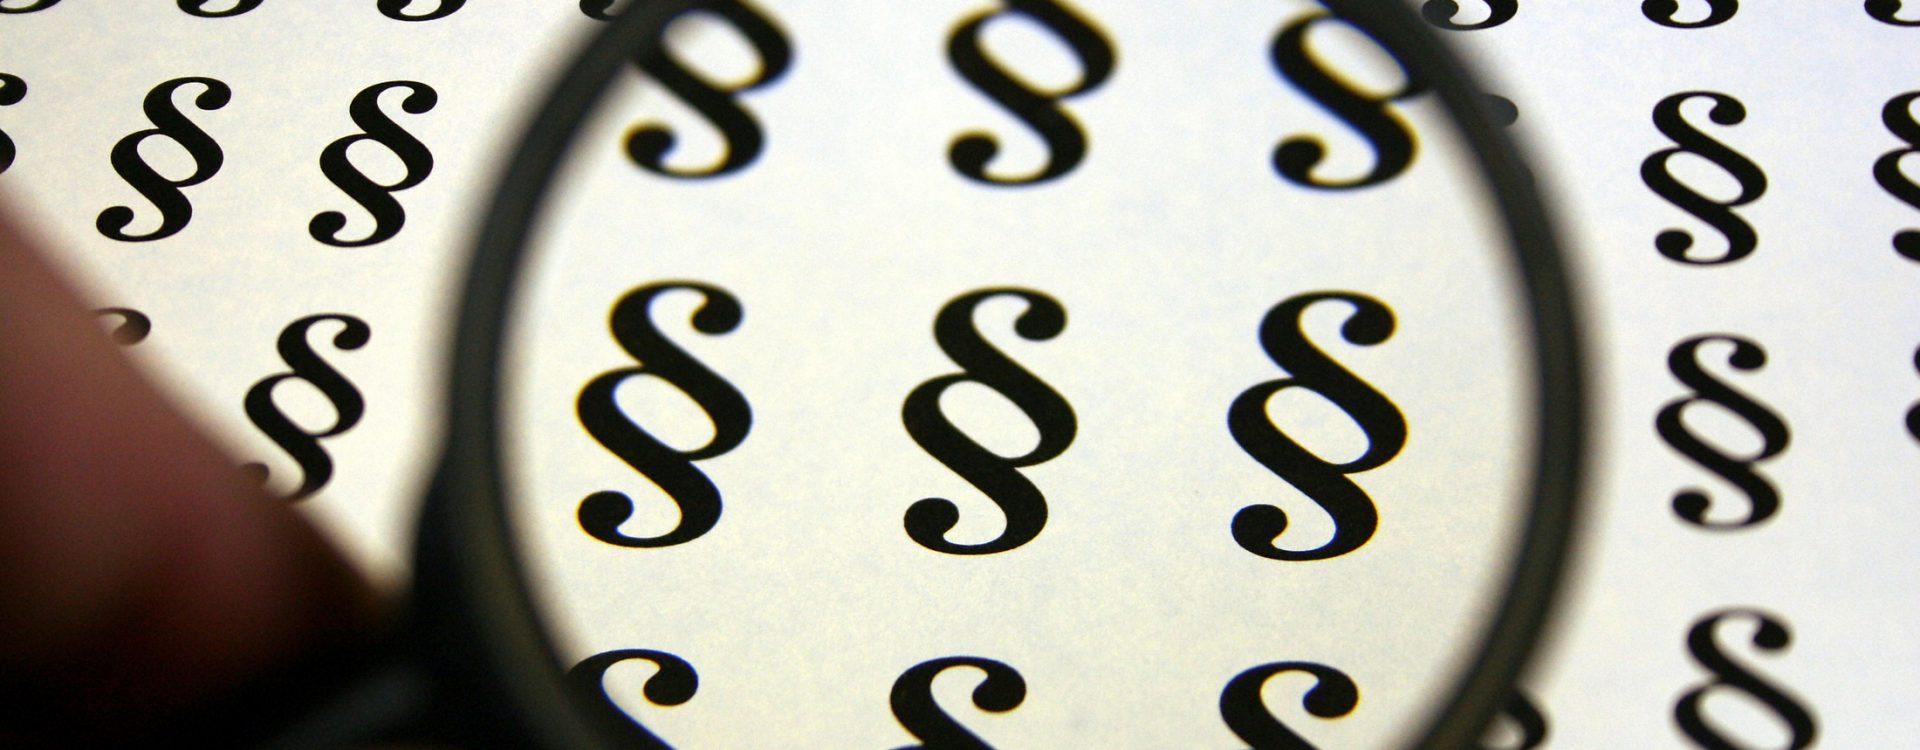 Lupe vergrößert Paragraphenzeichen